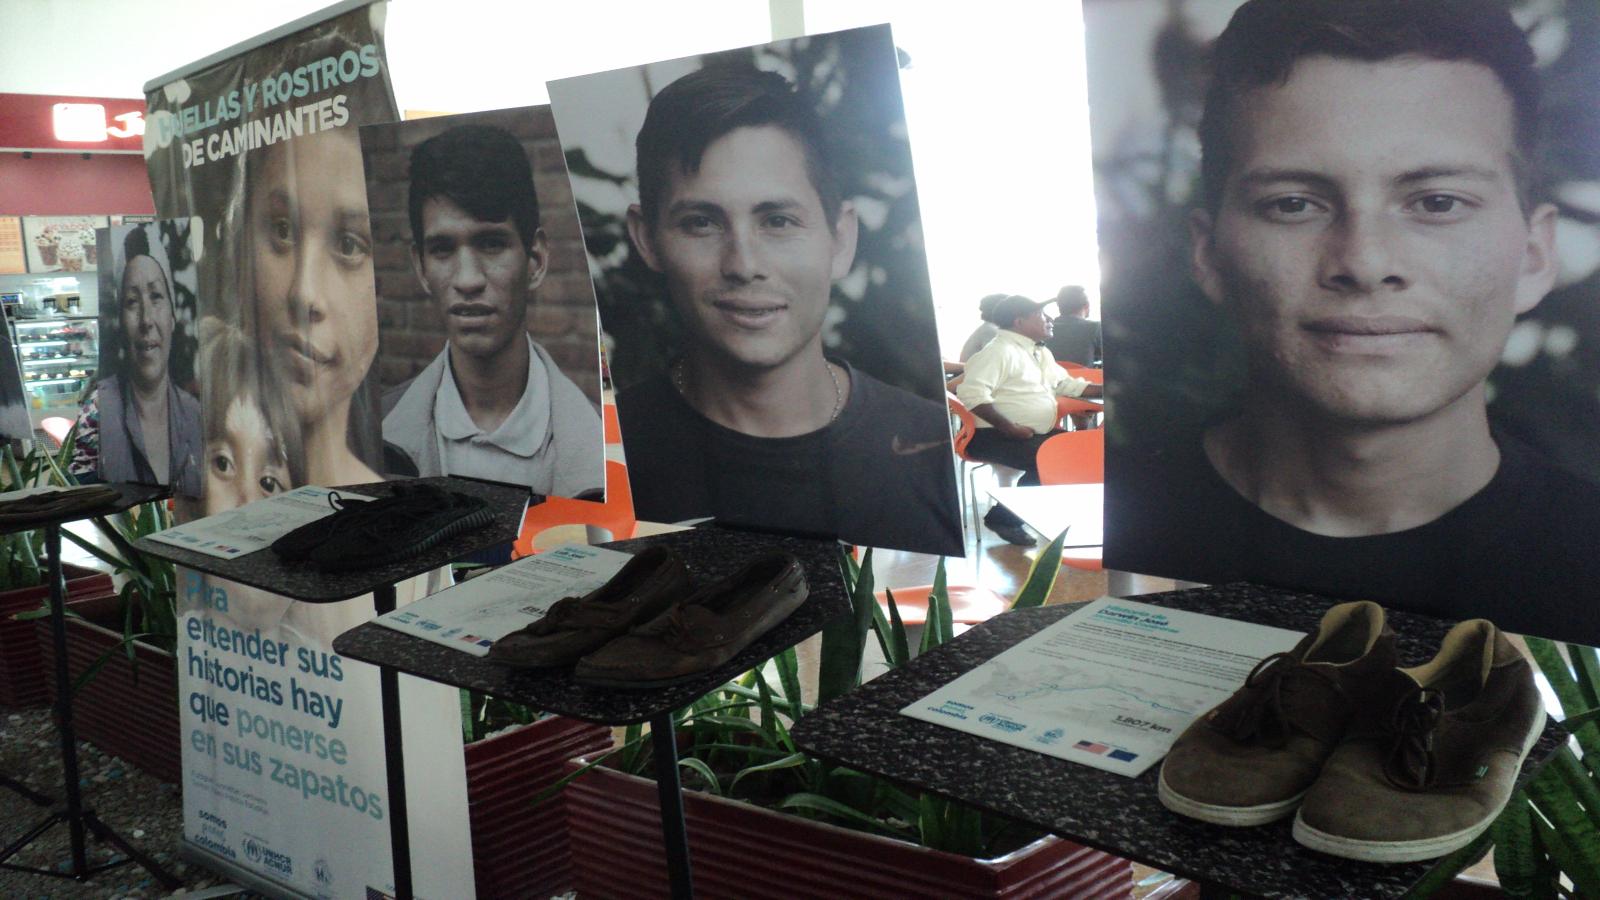 Las huellas de los caminantes venezolanos se exhiben en Riohacha